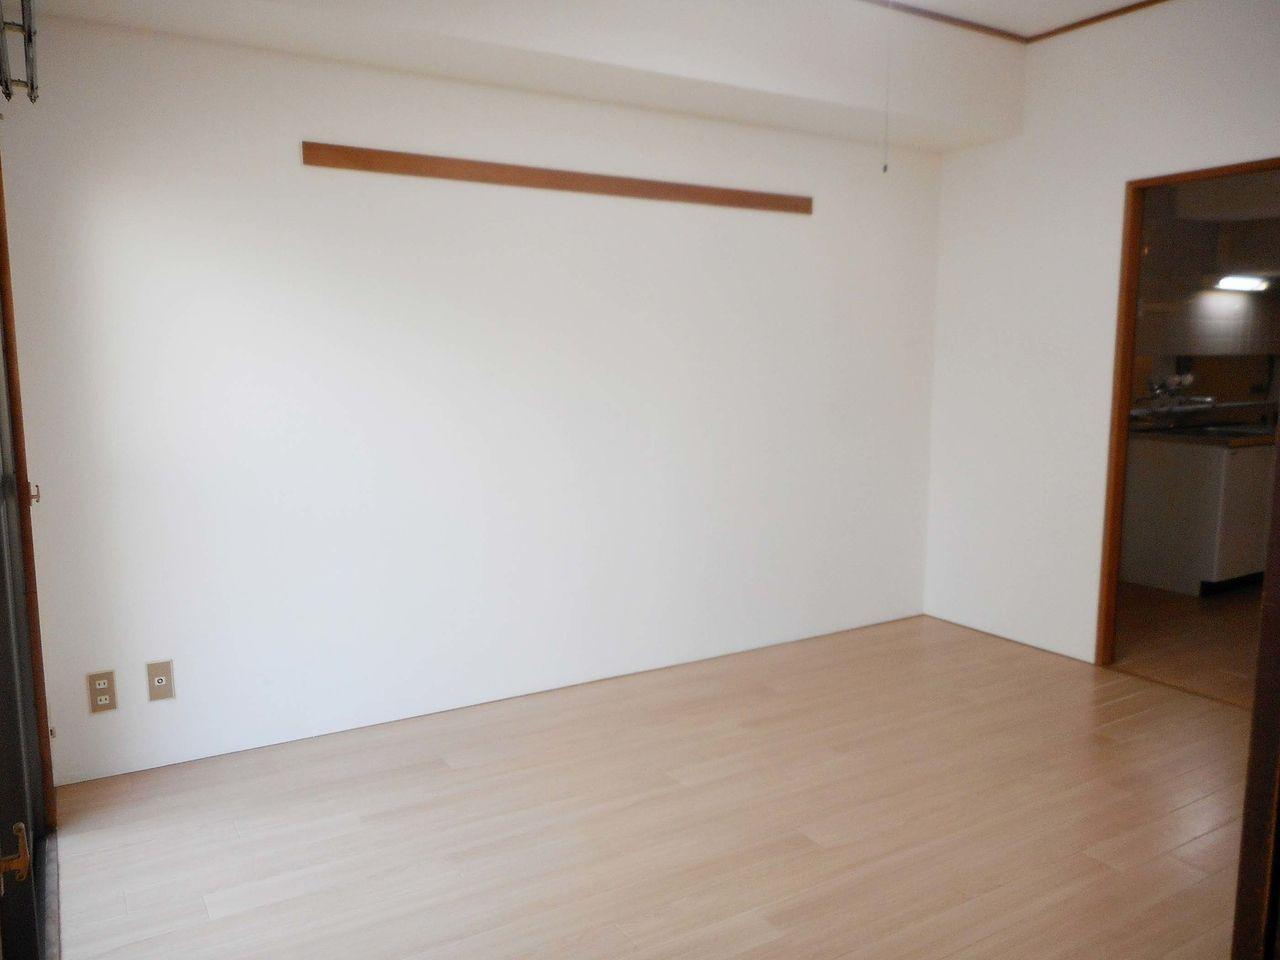 白を基調とした室内なので明るく感じます。